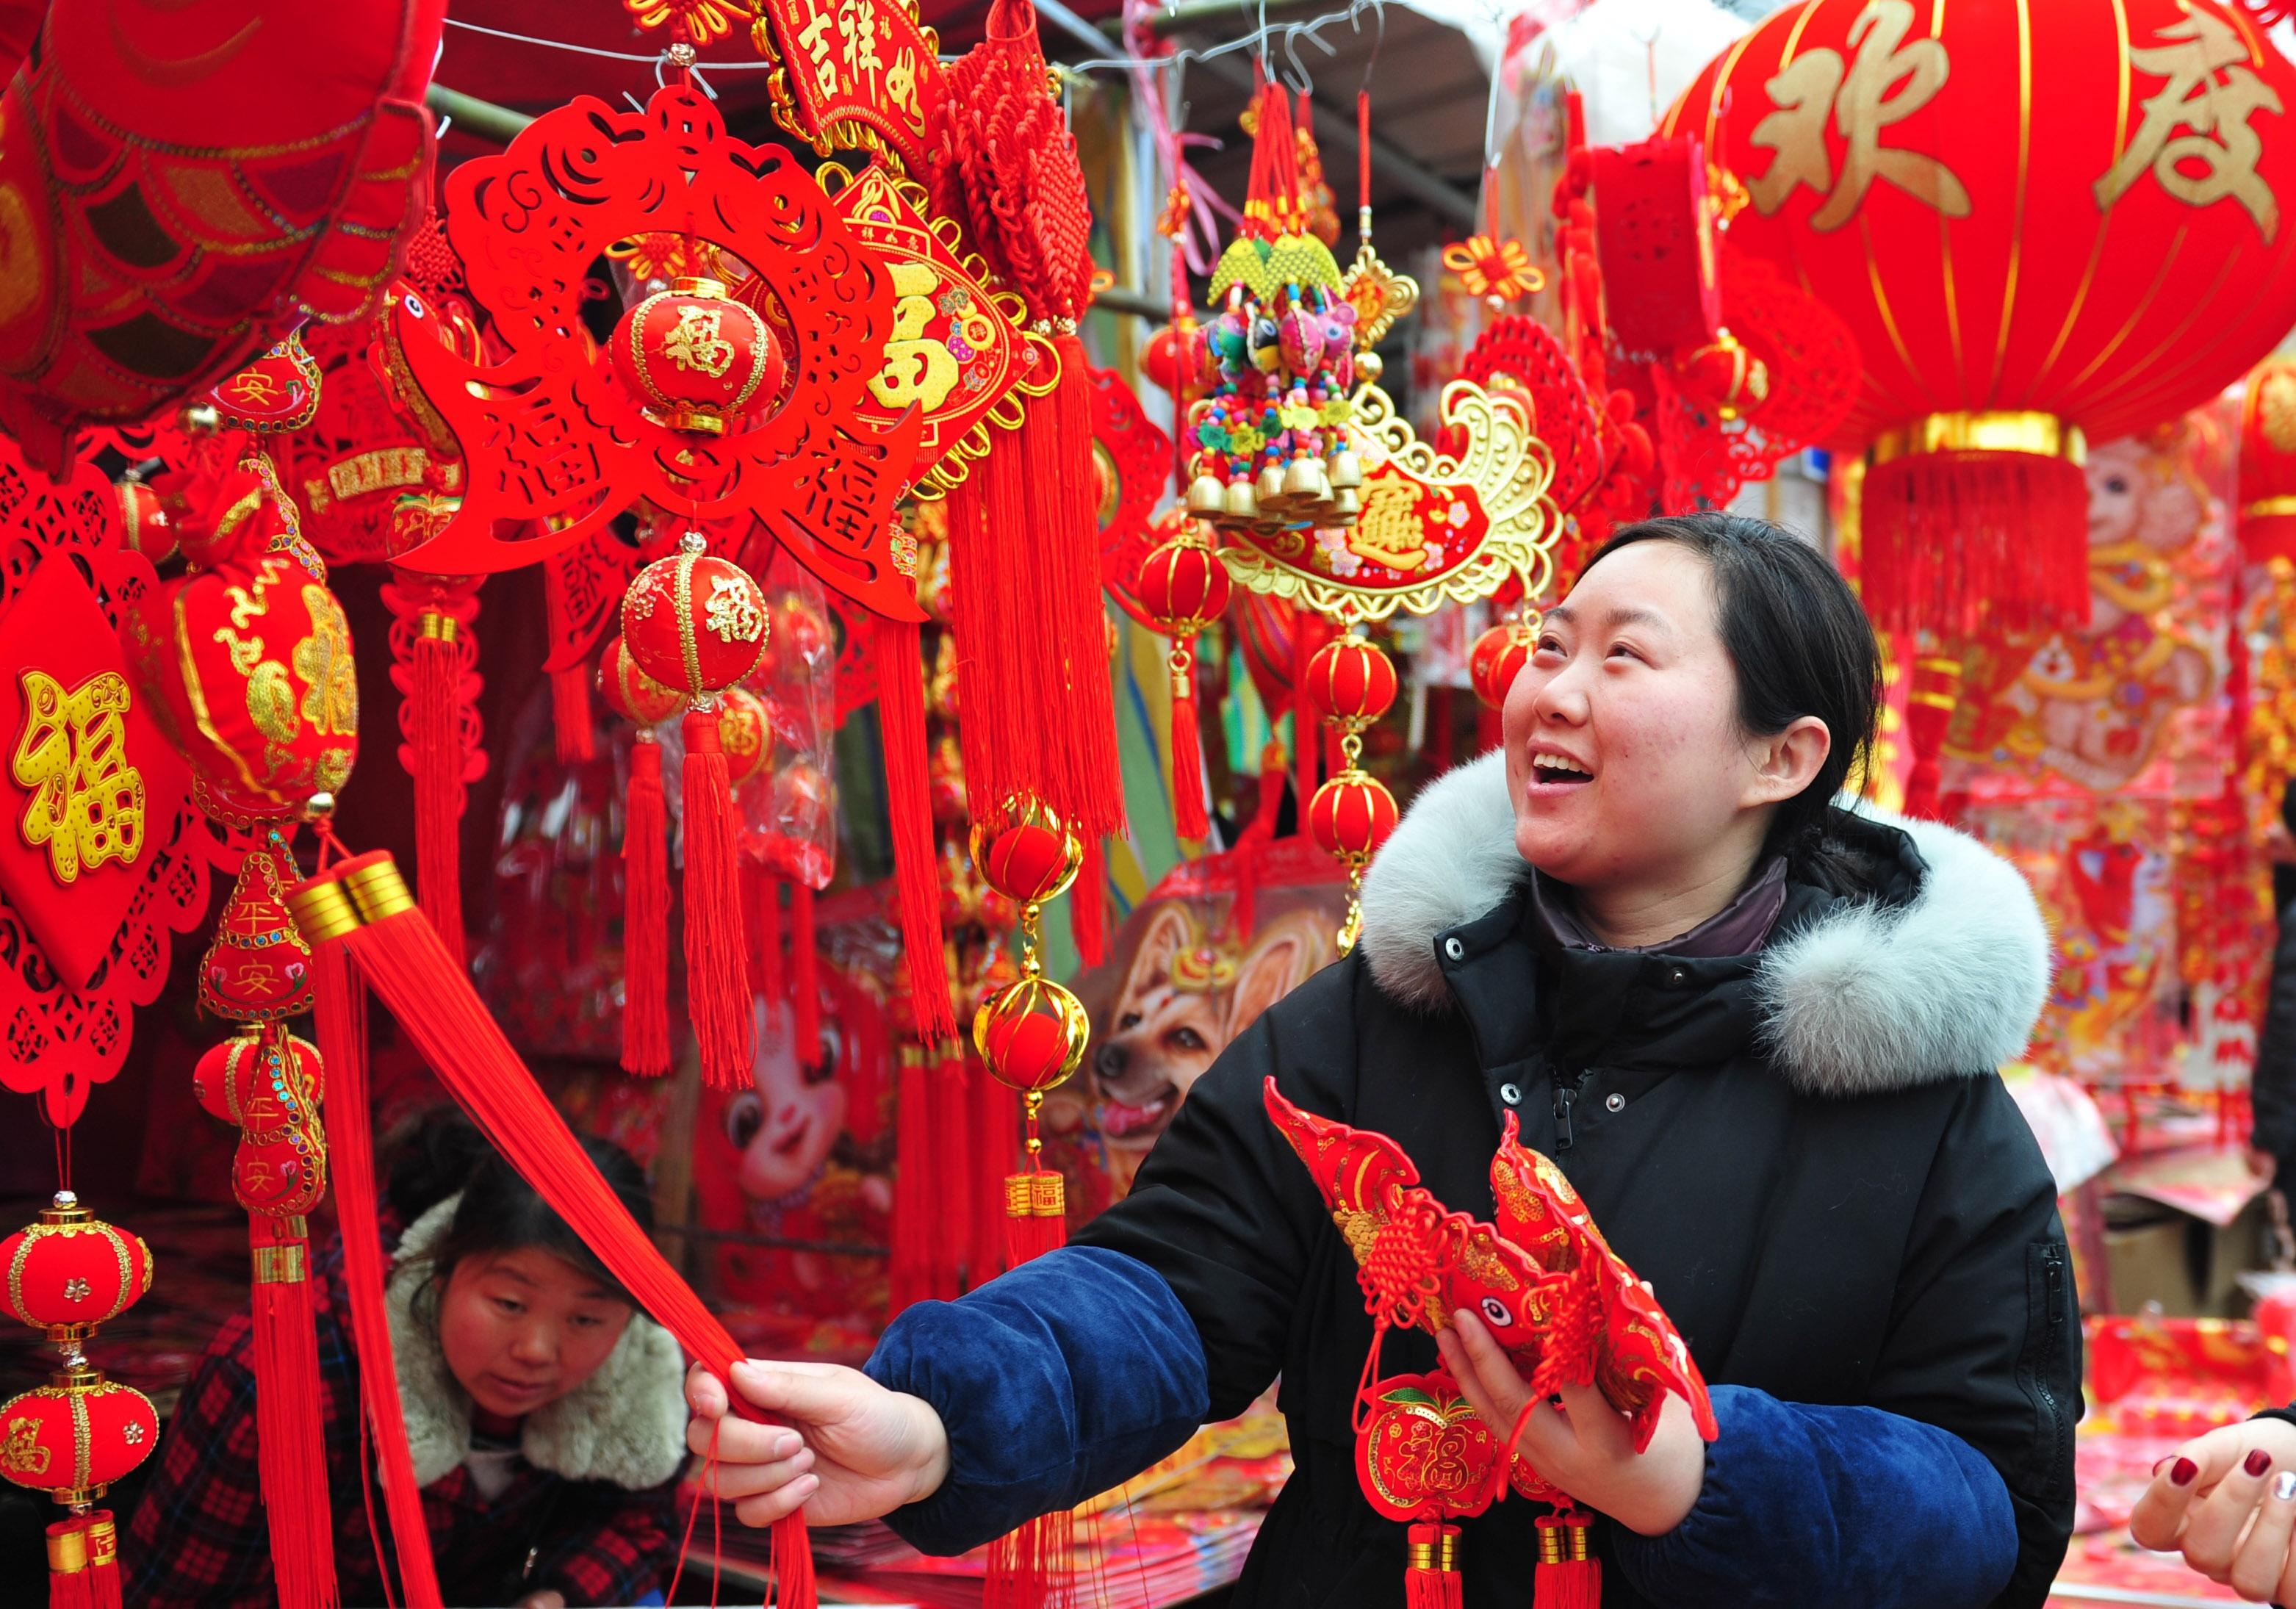 中国浓浓年味飘向全世界 春节再成外媒焦点